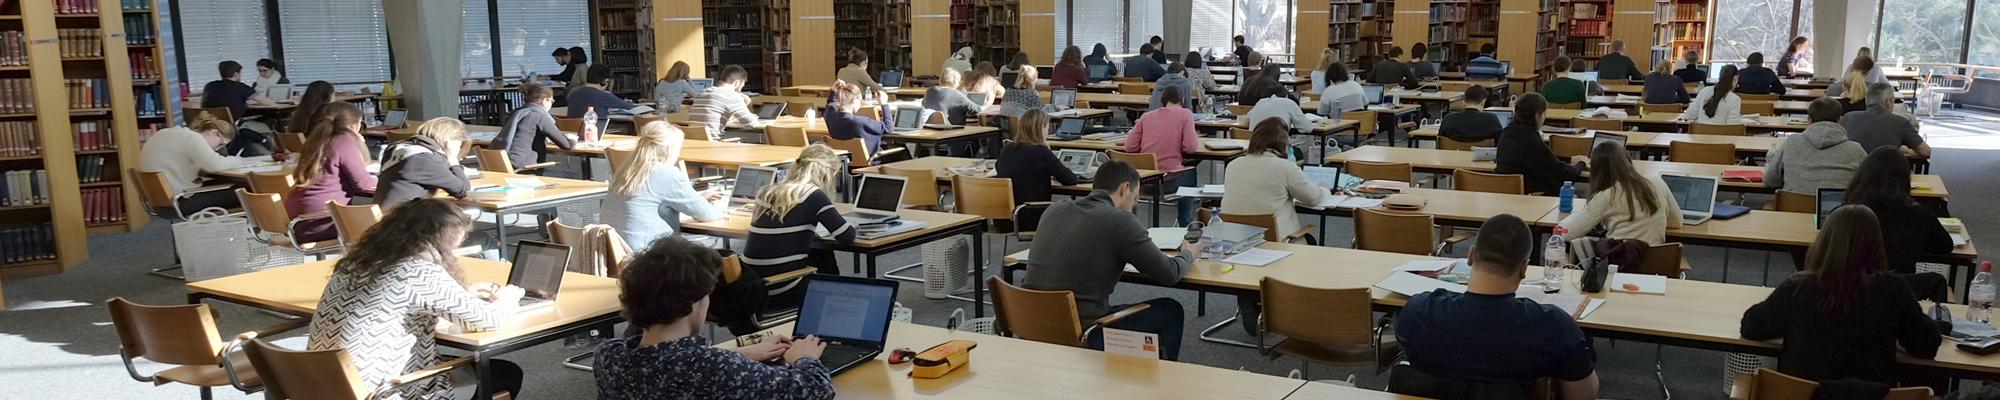 Lesesaaal UB Hauptbibliothek.